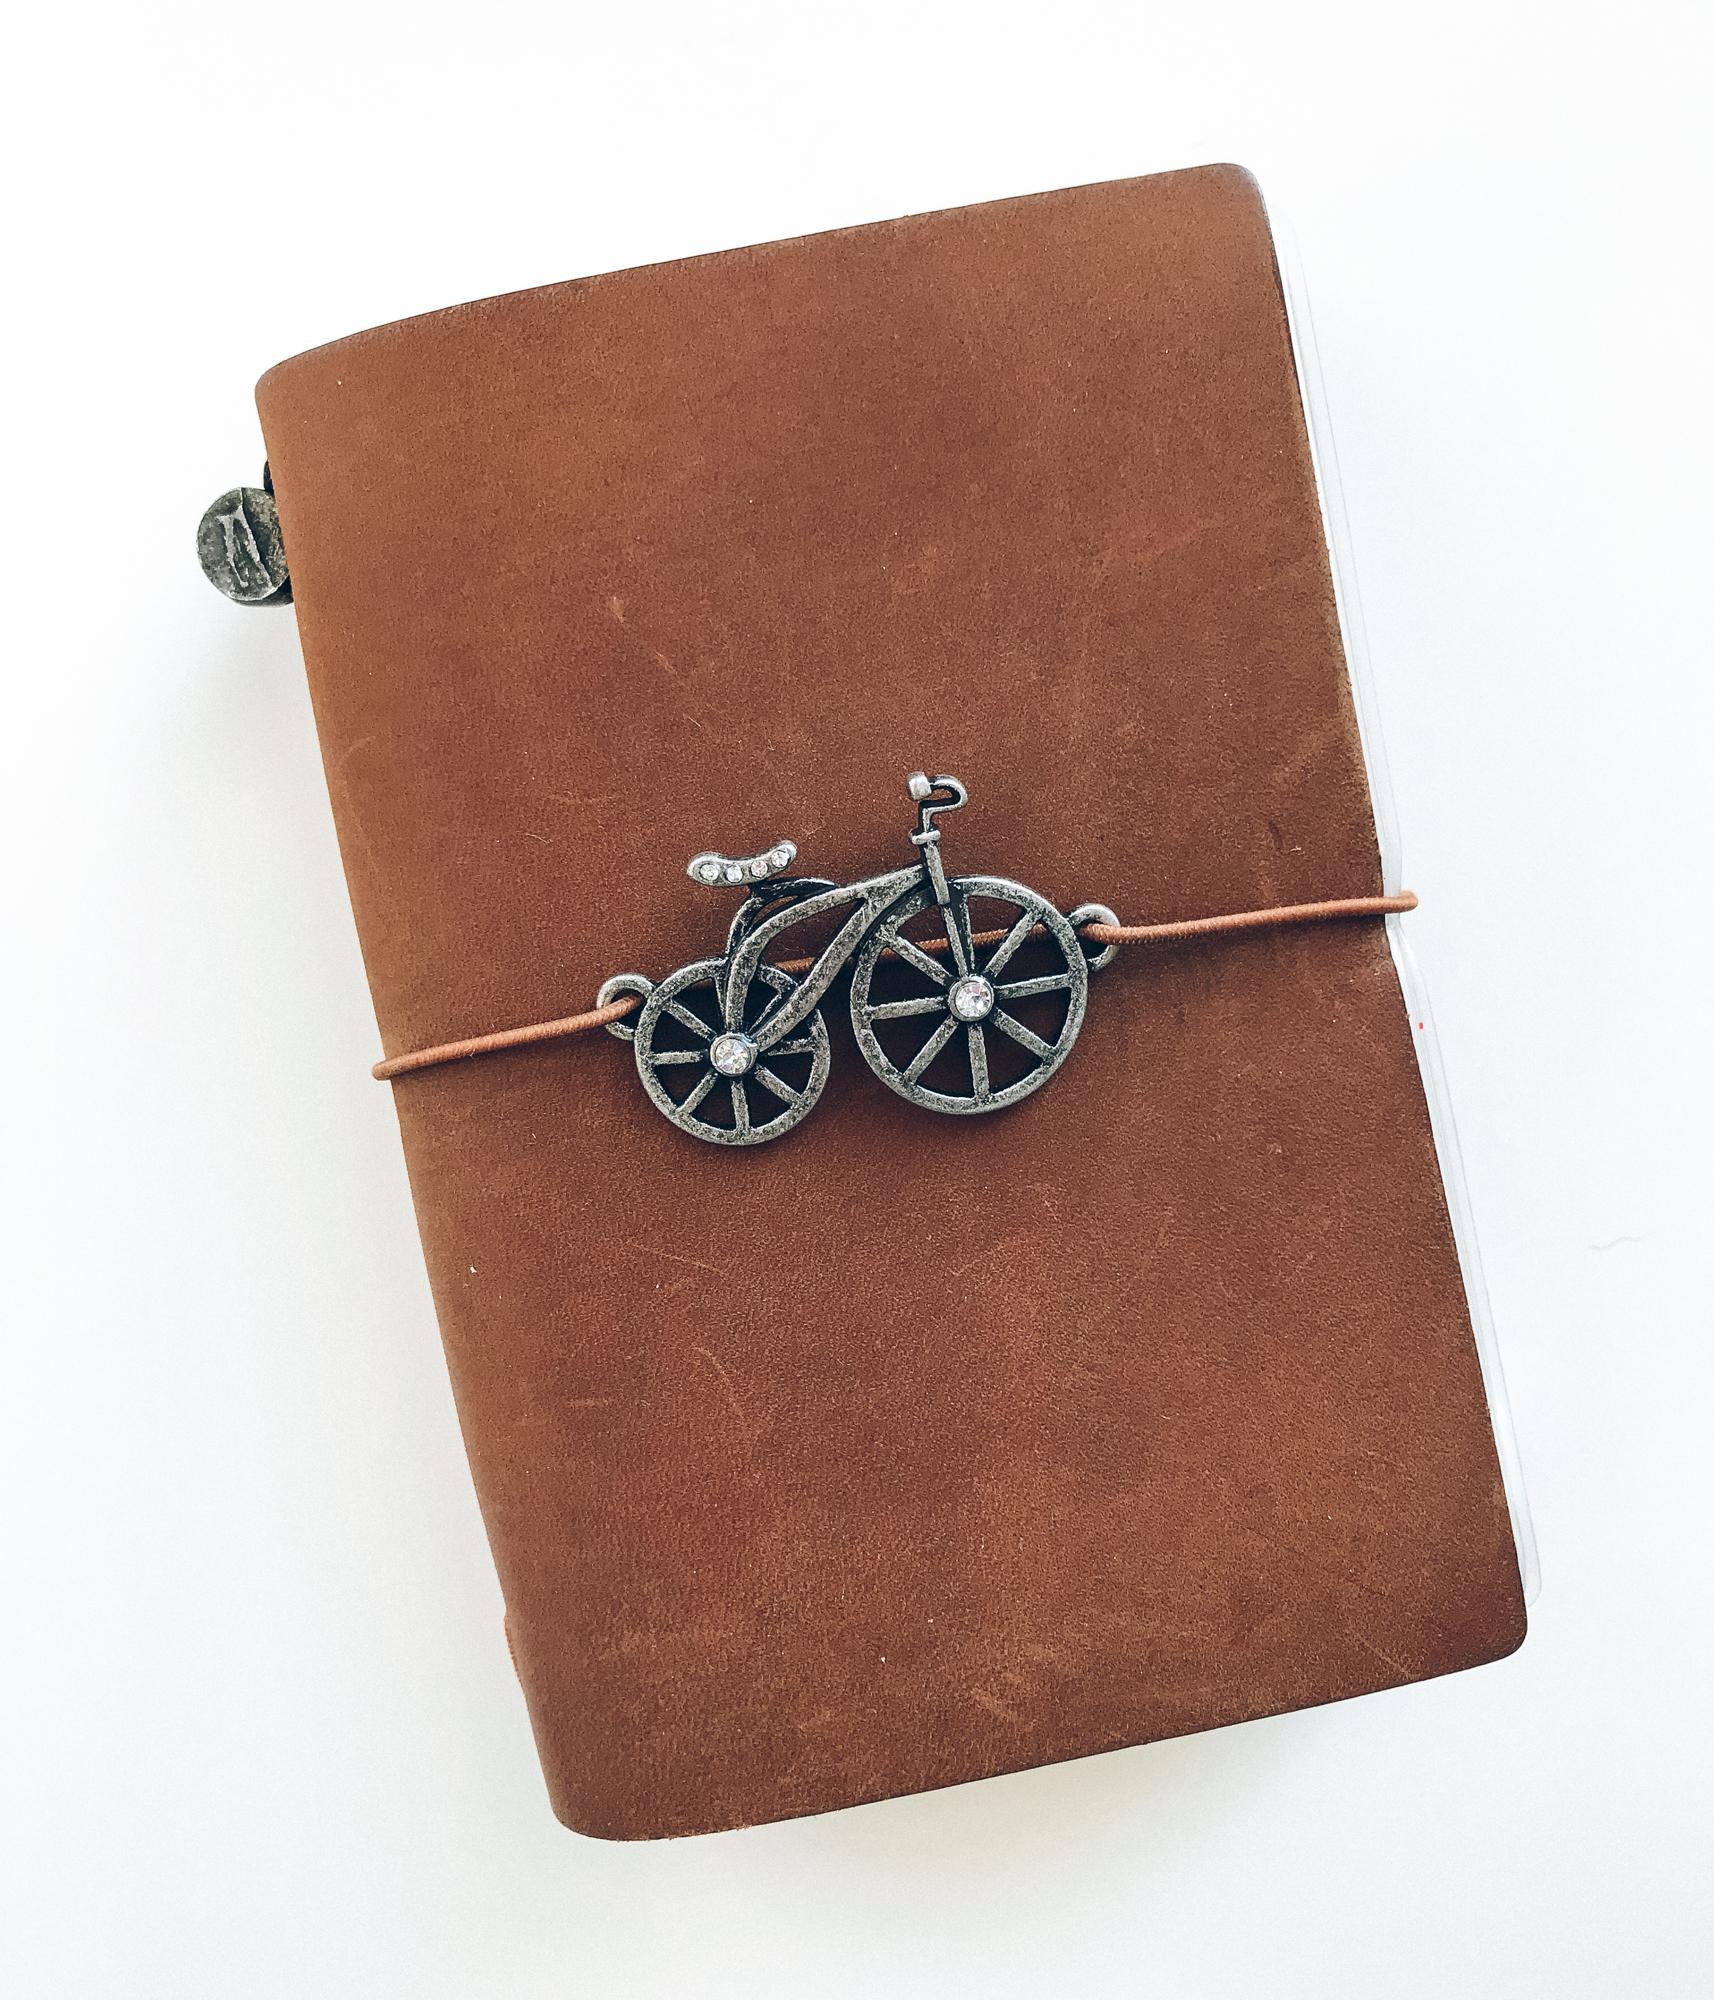 sarica_studio_passport_tn_wallet